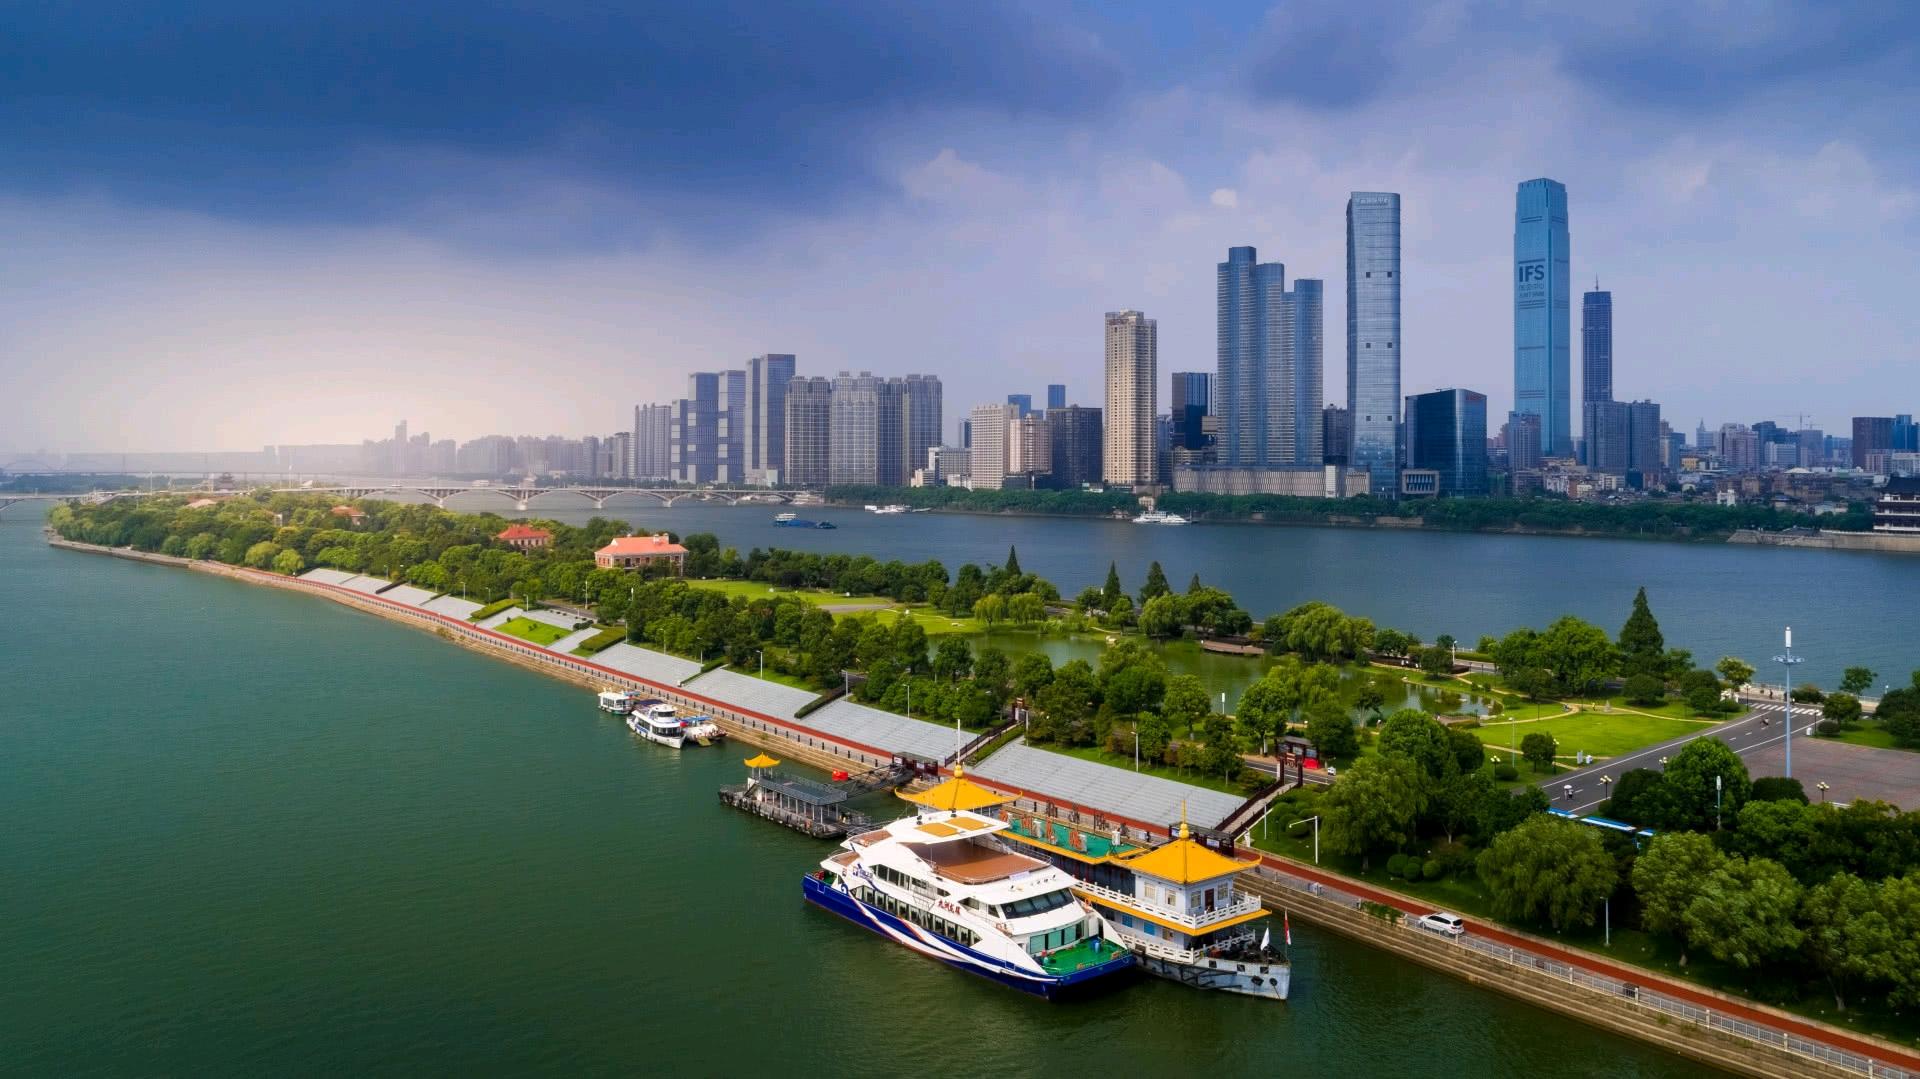 前三季城市gdp50强宁波_前三季度中国GDP前50强城市对比 深圳第3 西安第20 南昌第40 惠